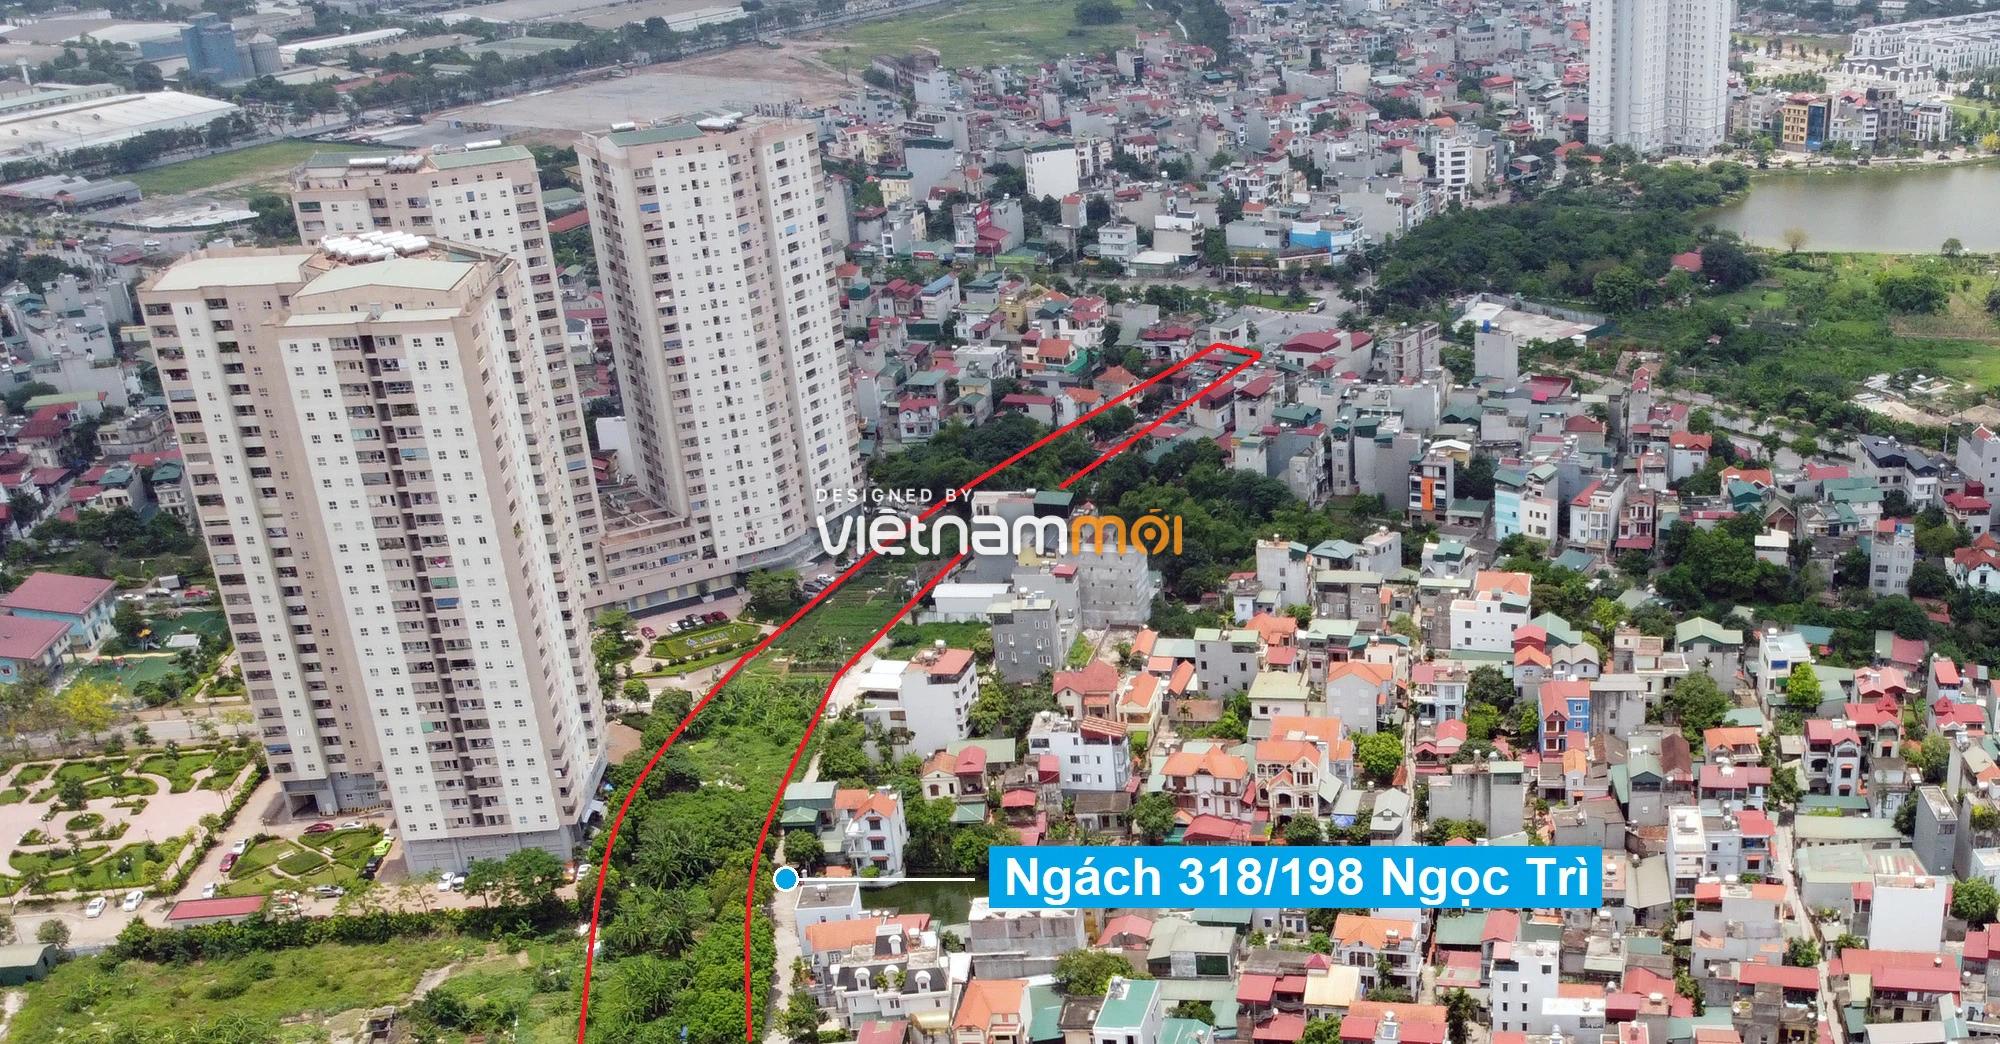 Những khu đất sắp thu hồi để mở đường ở phường Thạch Bàn, Long Biên, Hà Nội (phần 7) - Ảnh 6.